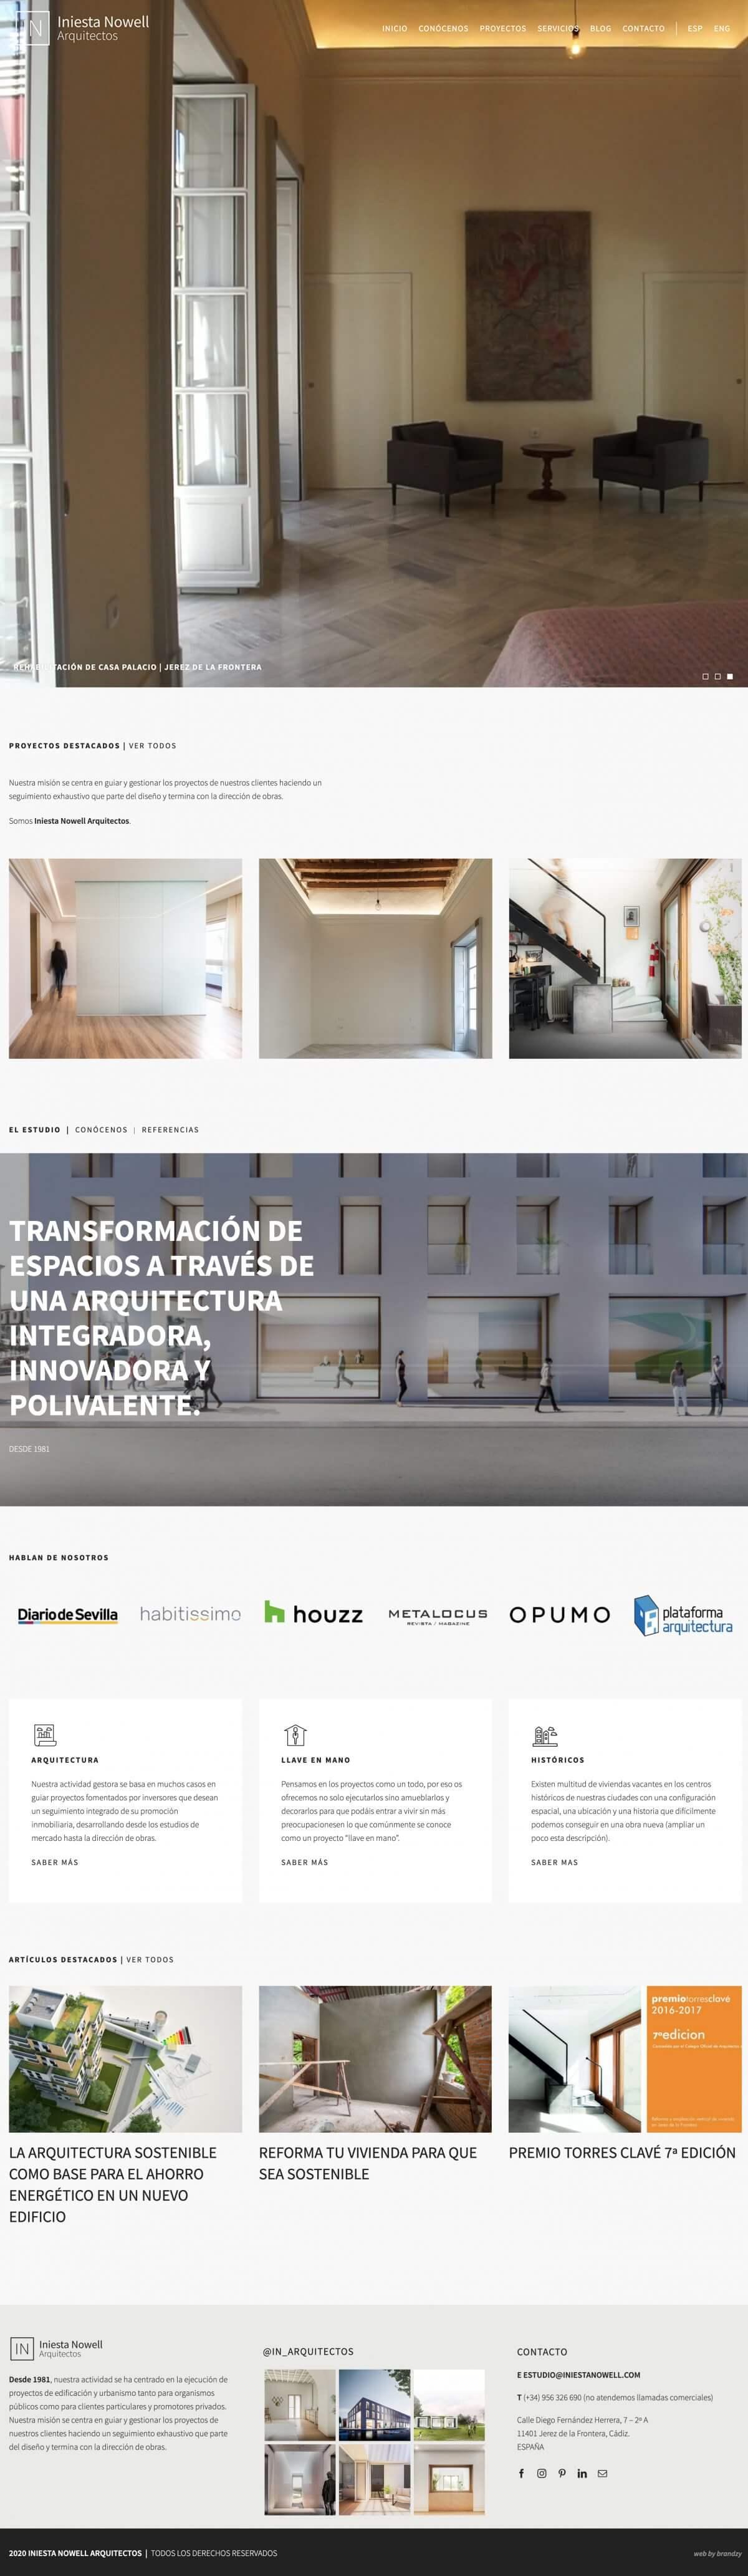 Desarrollo web para Iniesta Nowell Arquitectos